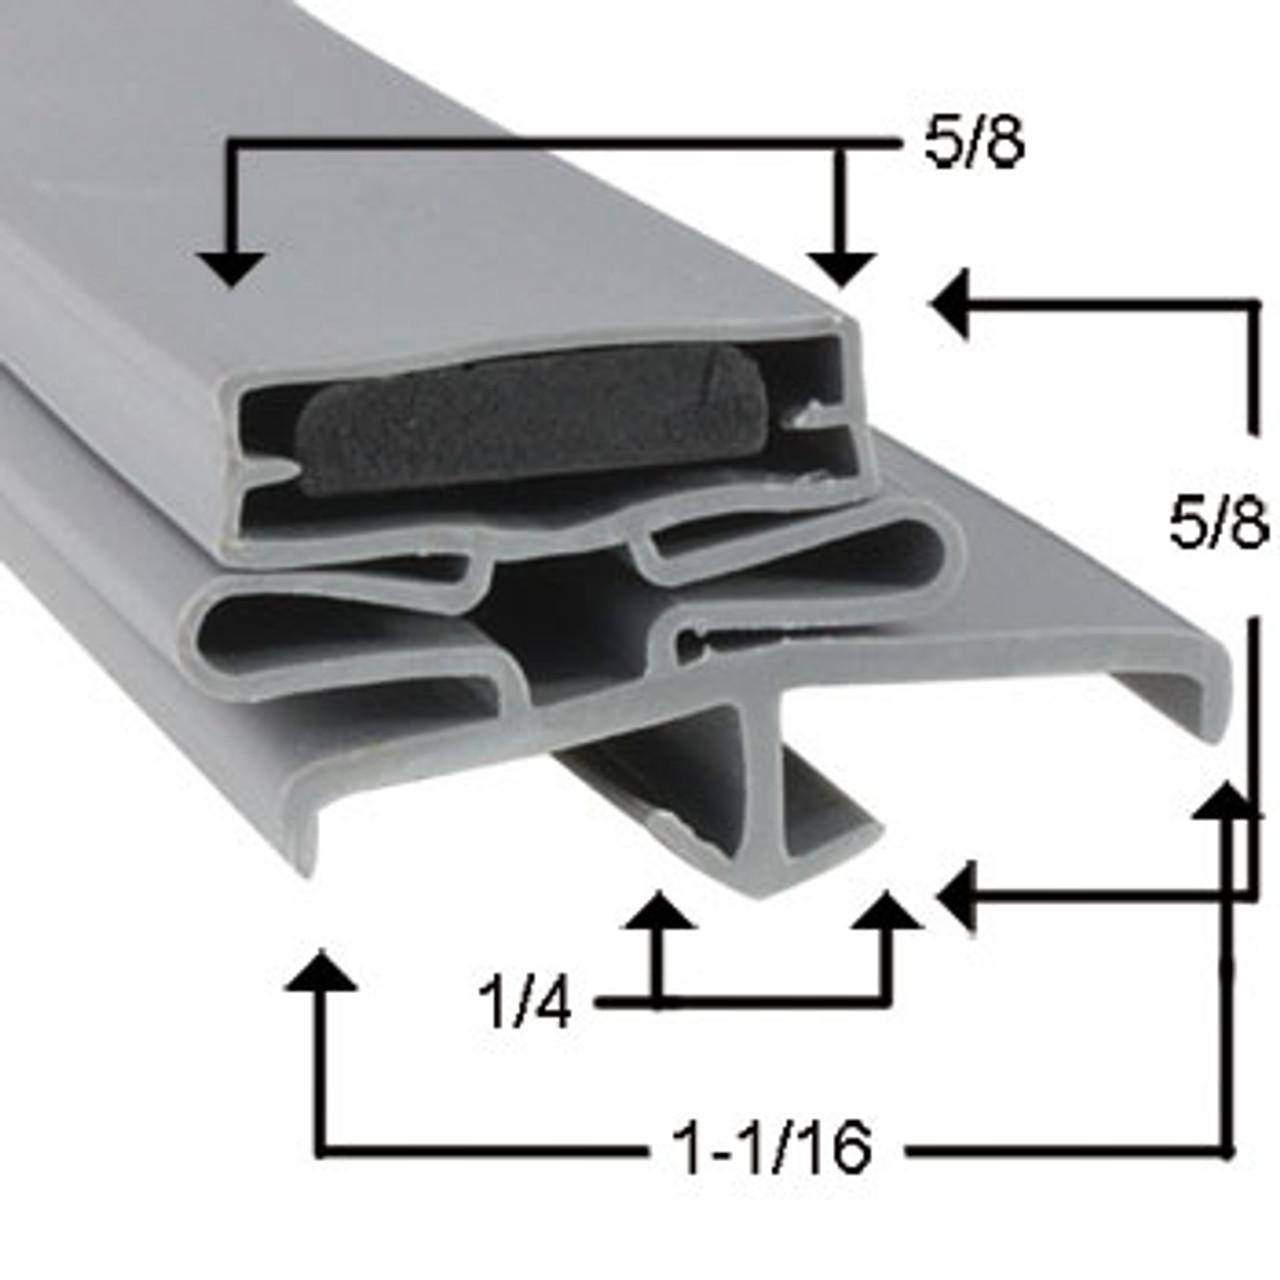 Traulsen Door Gasket Profile 165 29 1/4 X 64 3/4-2